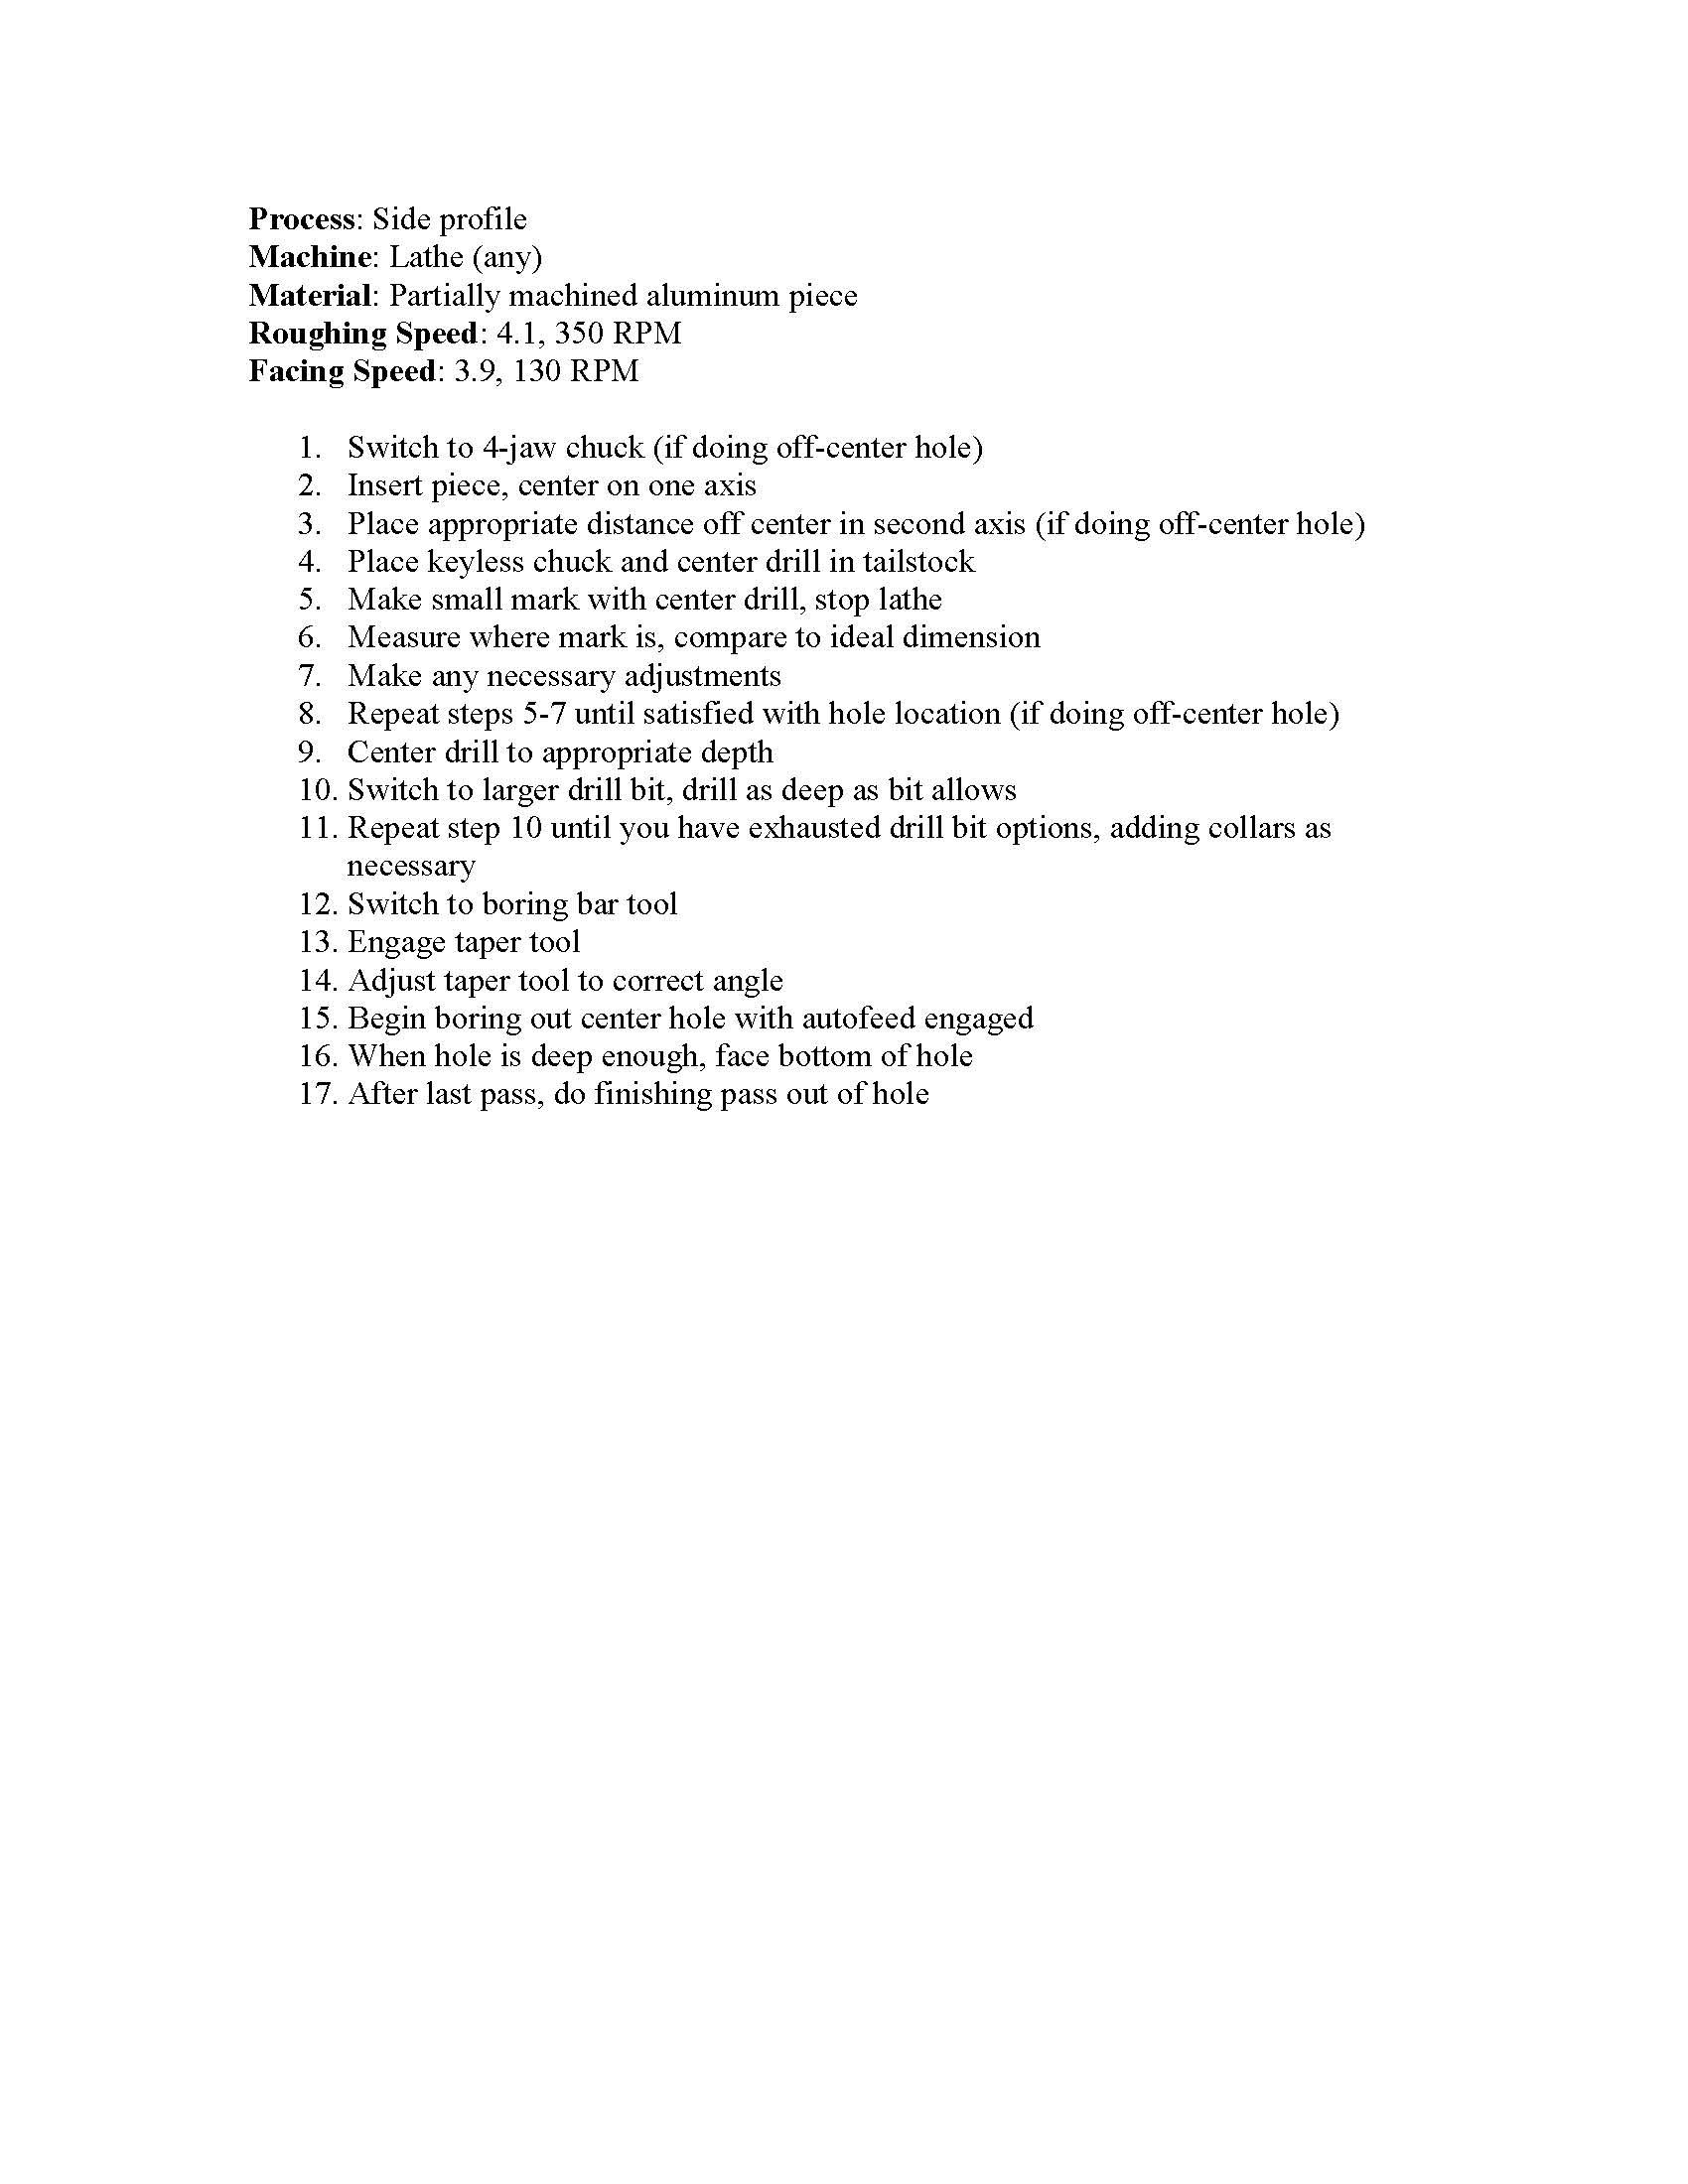 ManufacturingPlan_Page_3.jpg